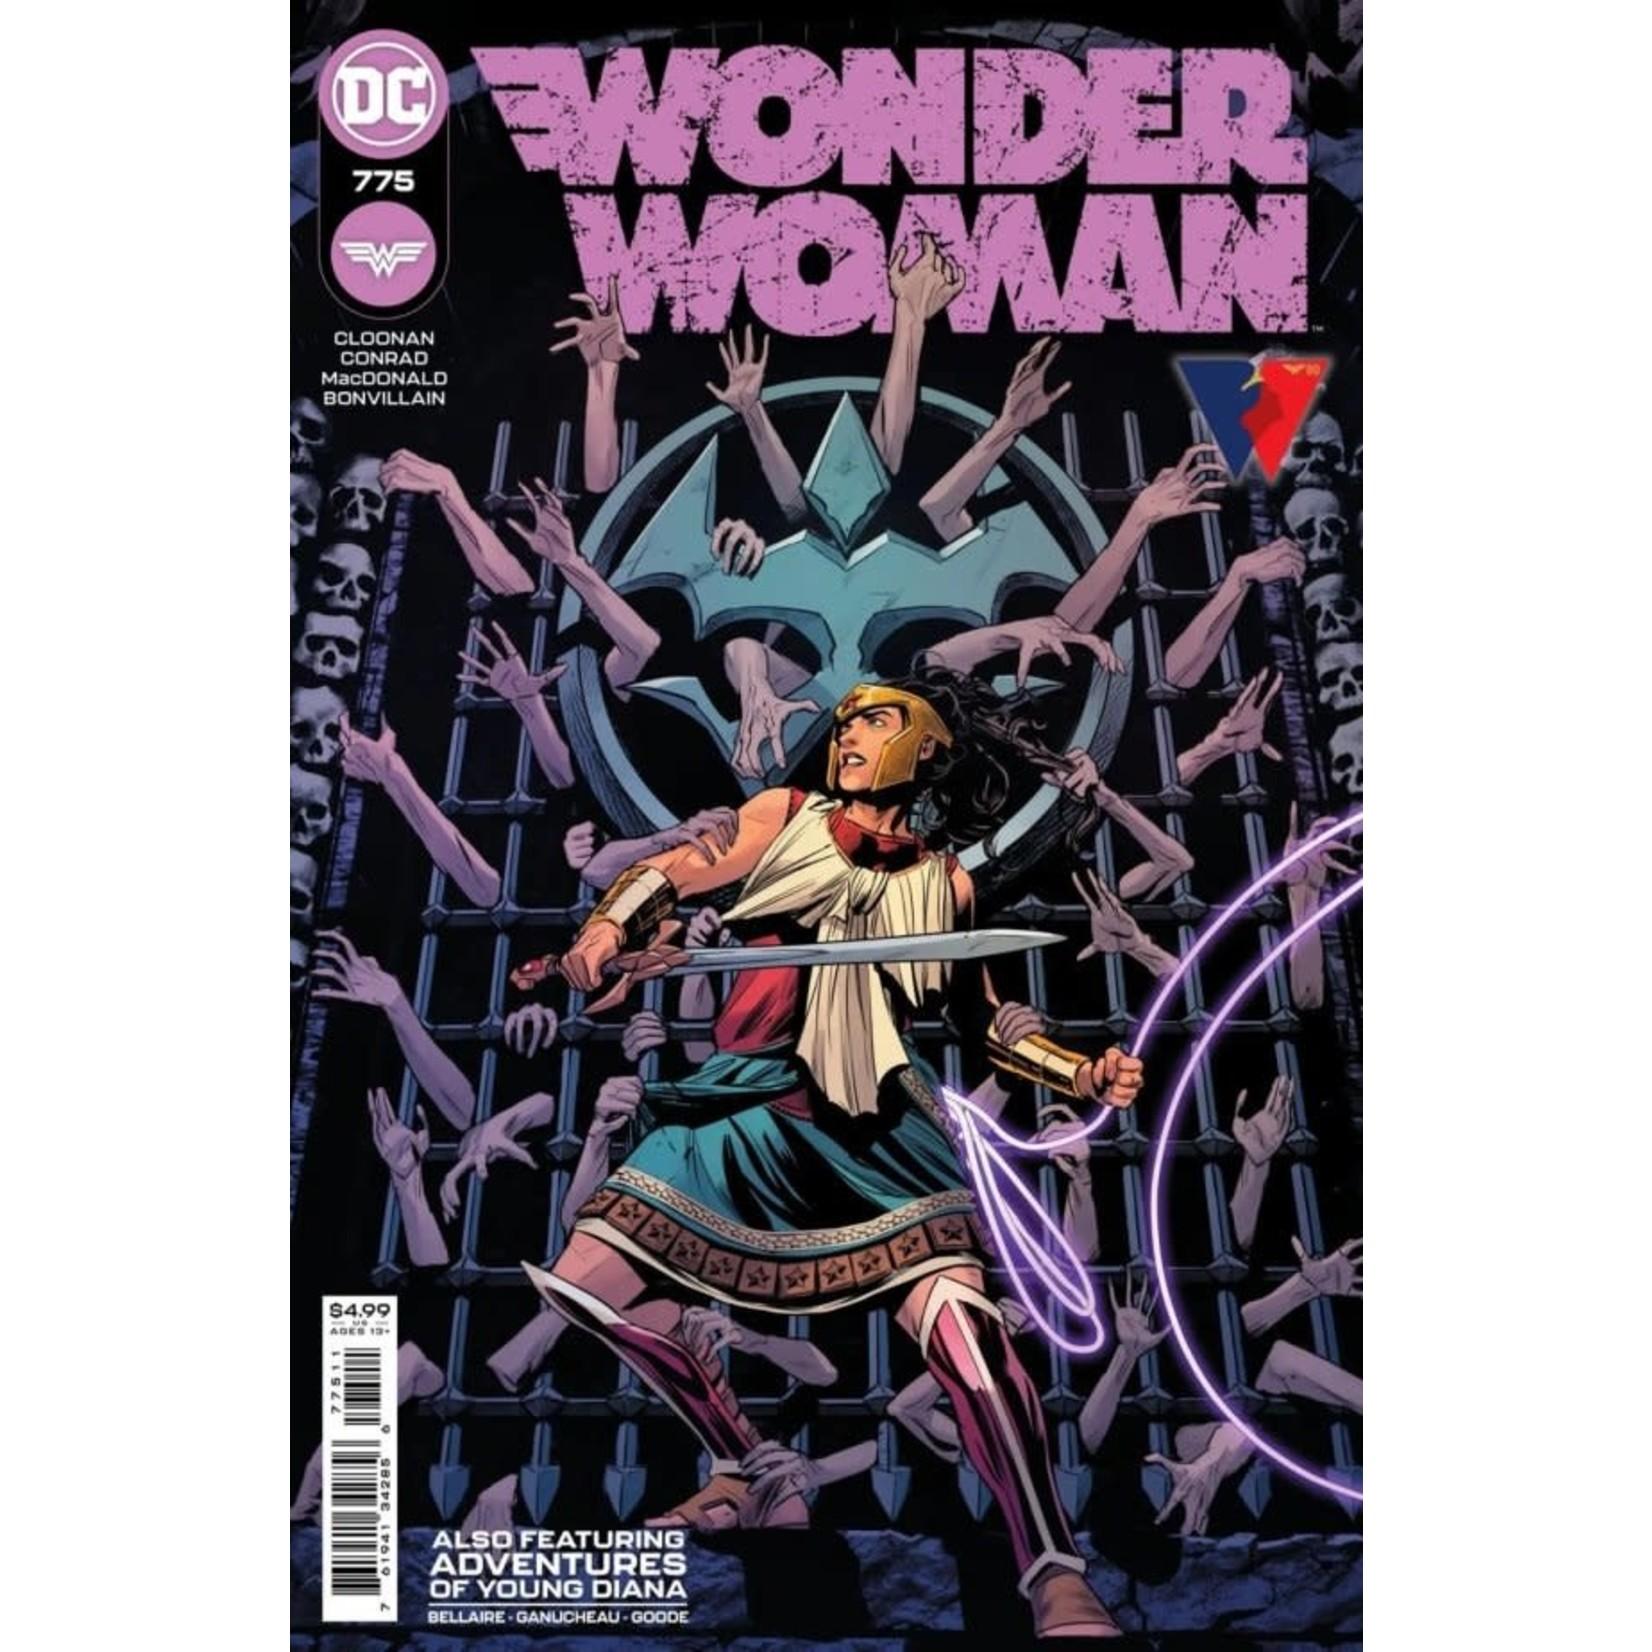 DC Comics Woman Woman #775